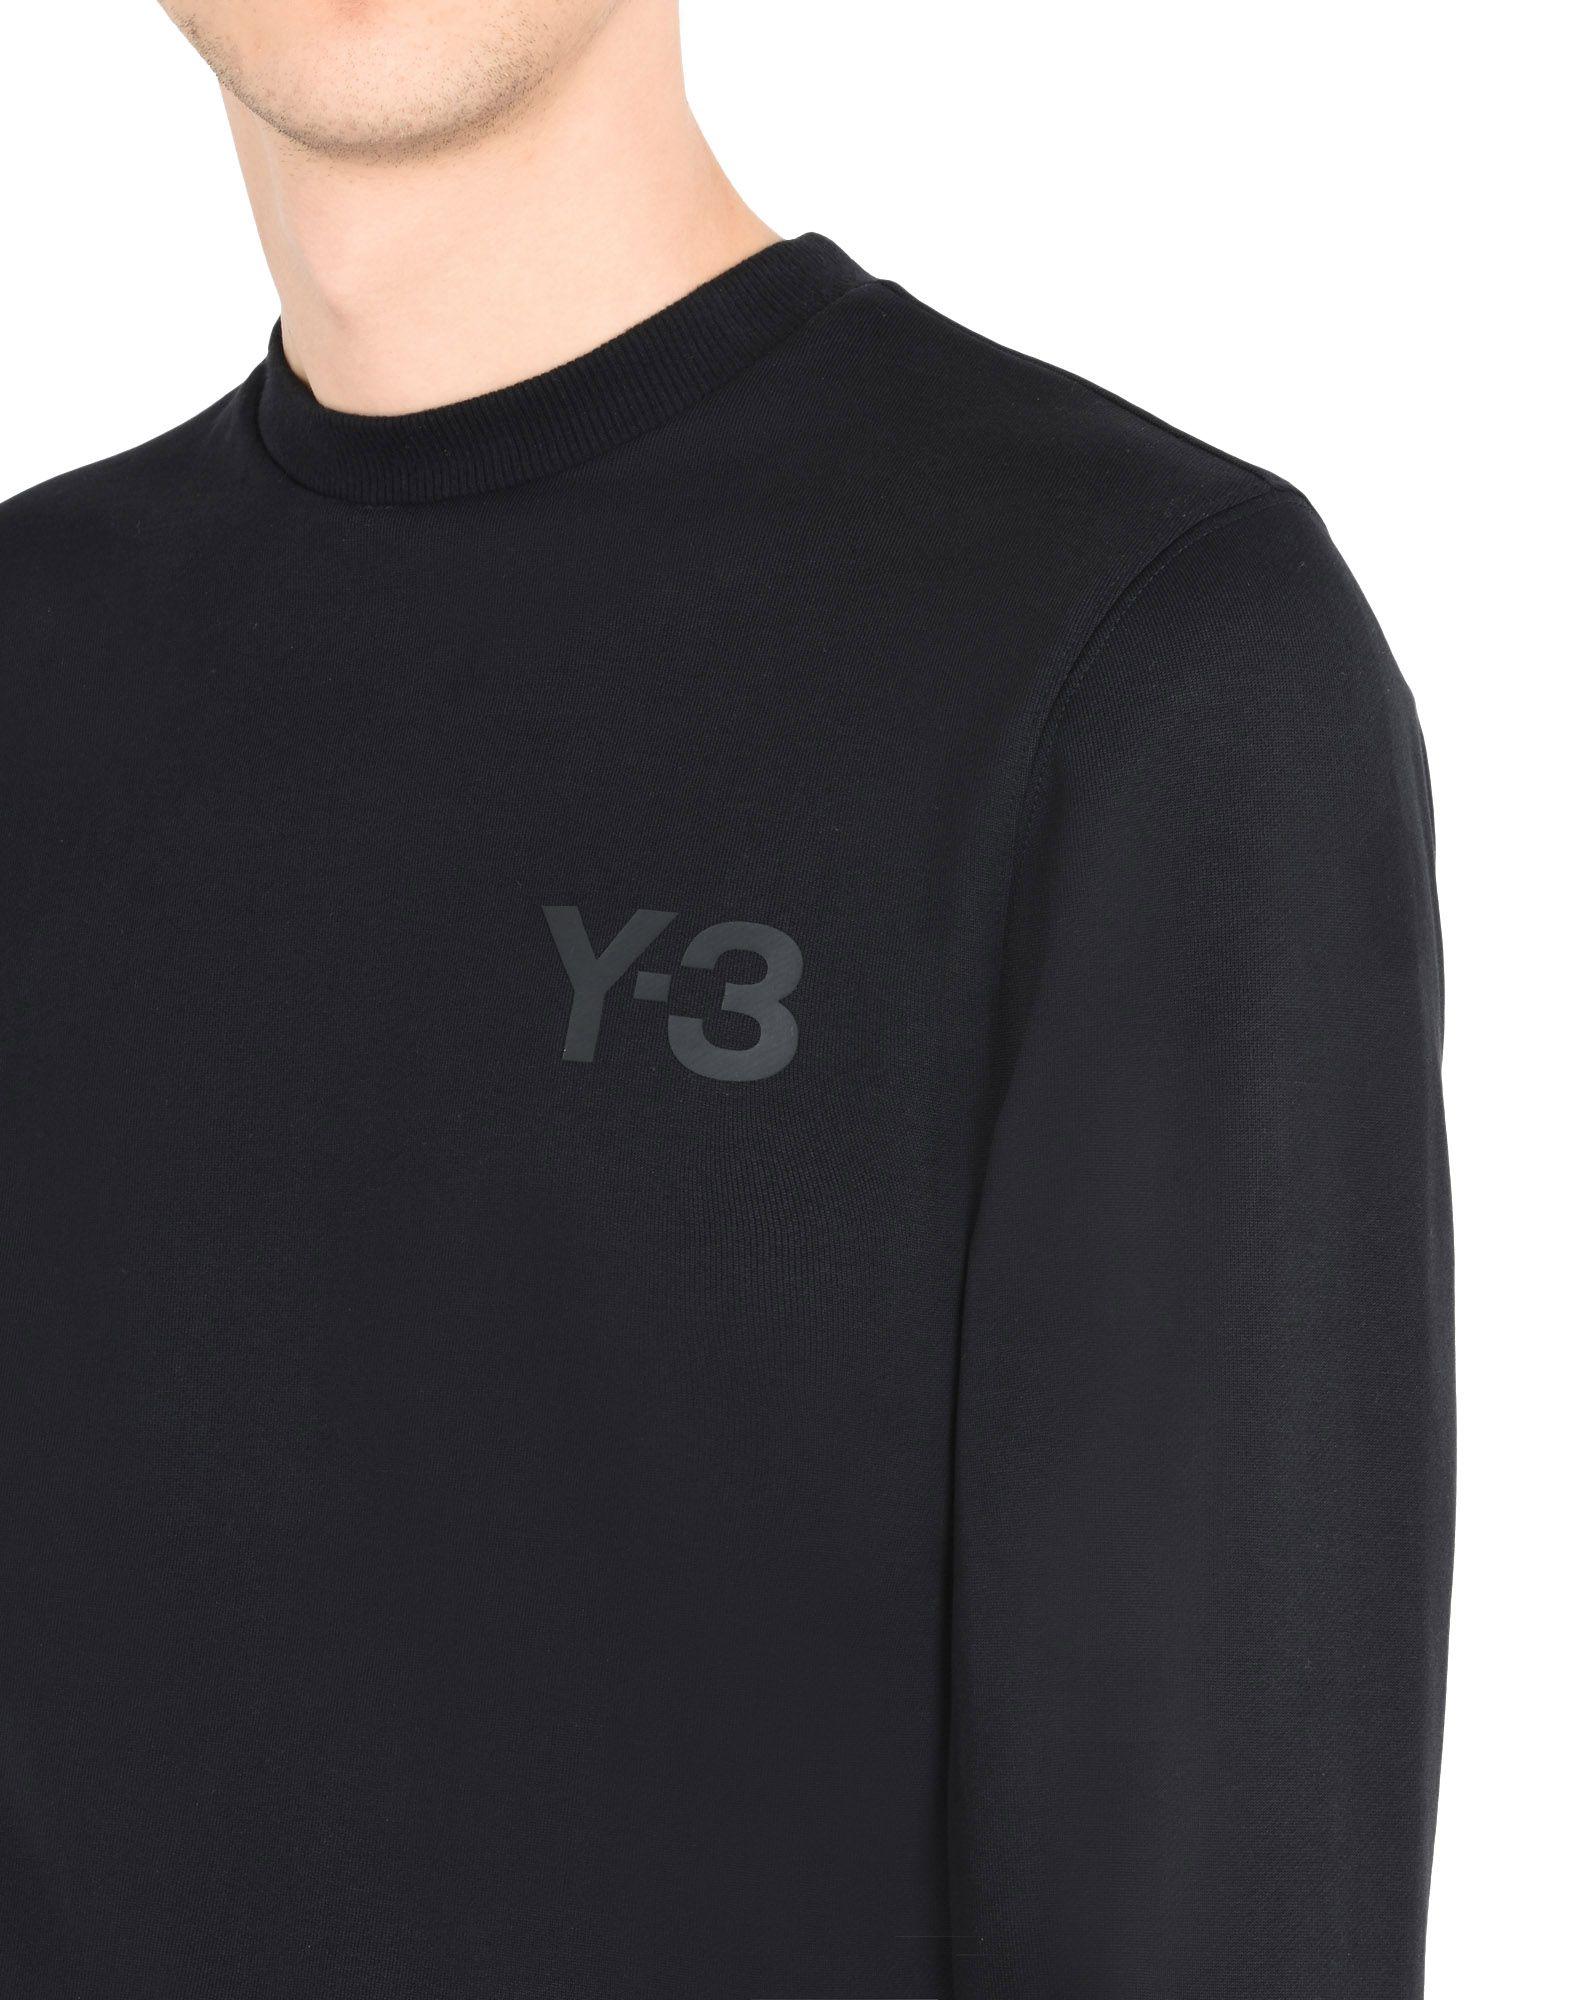 84b672267 Y-3 Y-3 CLASSIC SWEATER Sweatshirt Man a ...